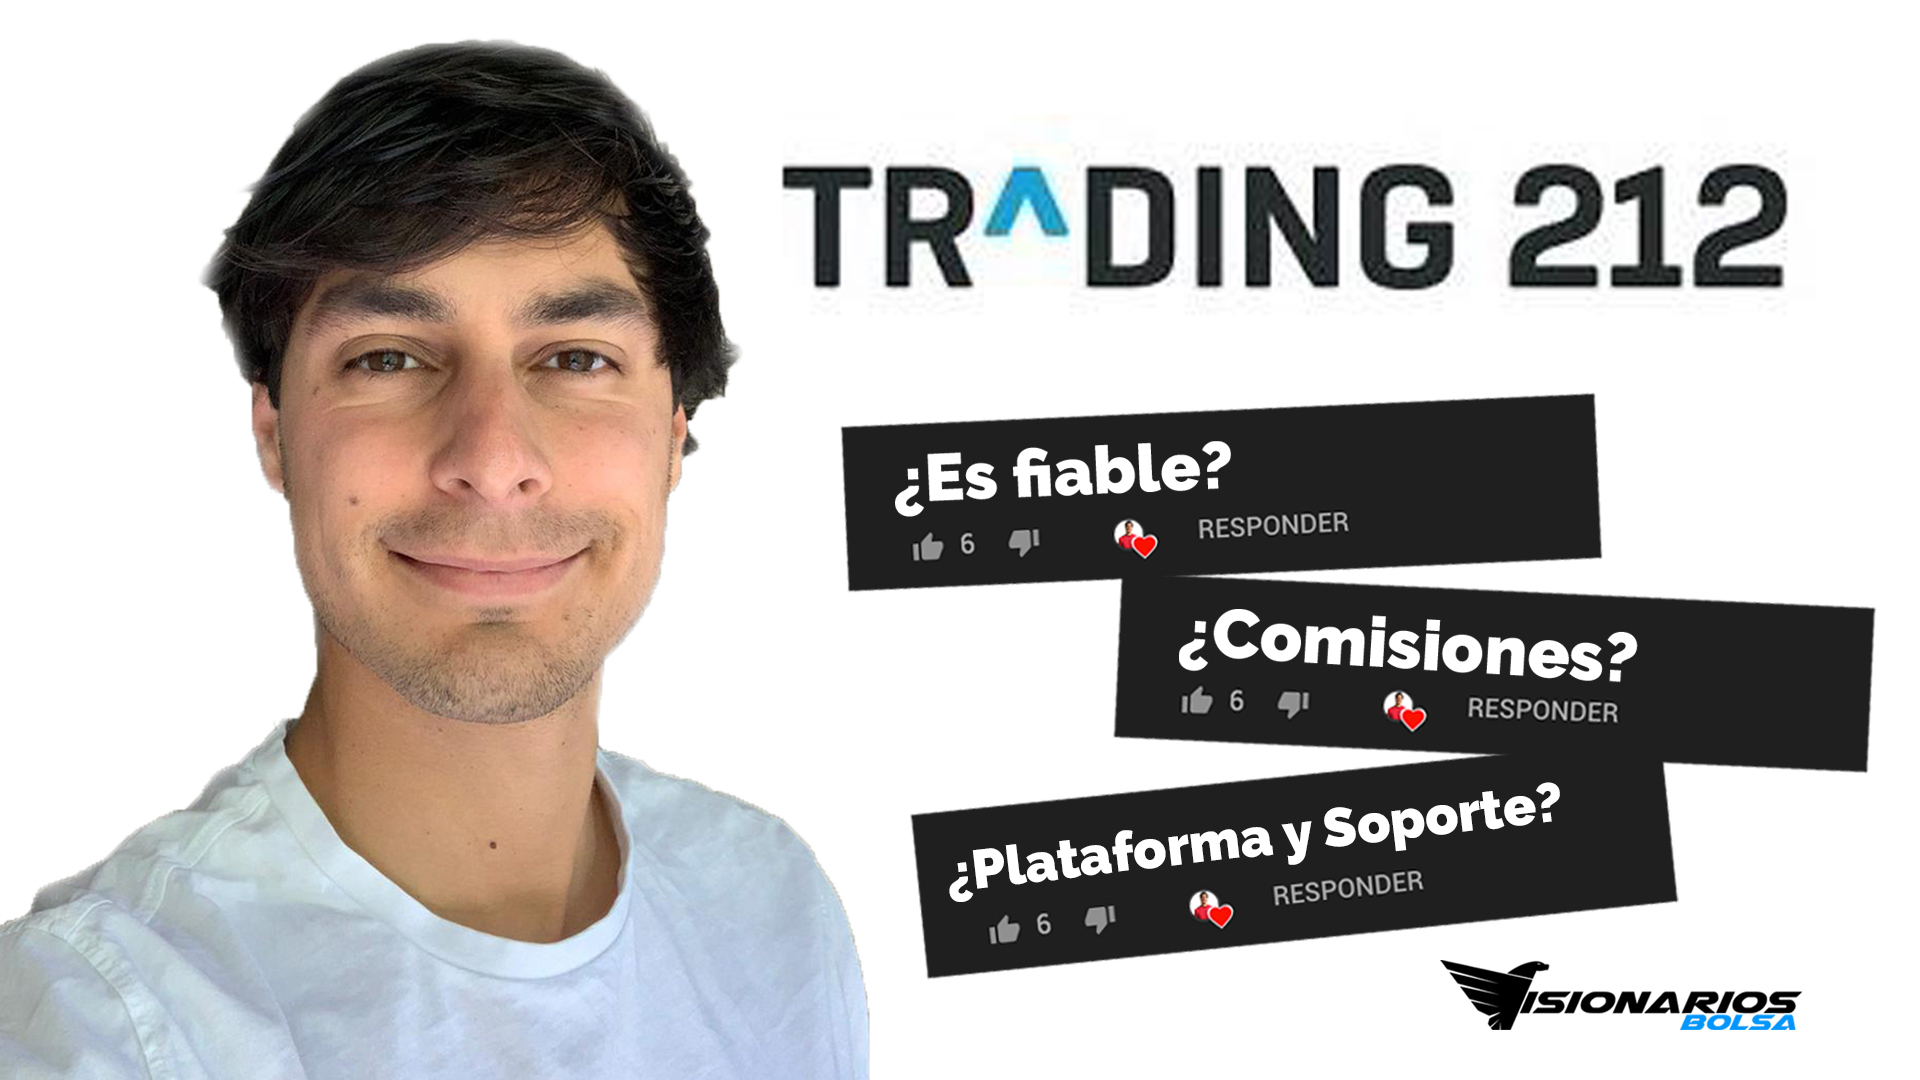 Opiniones Trading 212, ¿Es Un Buen Broker?